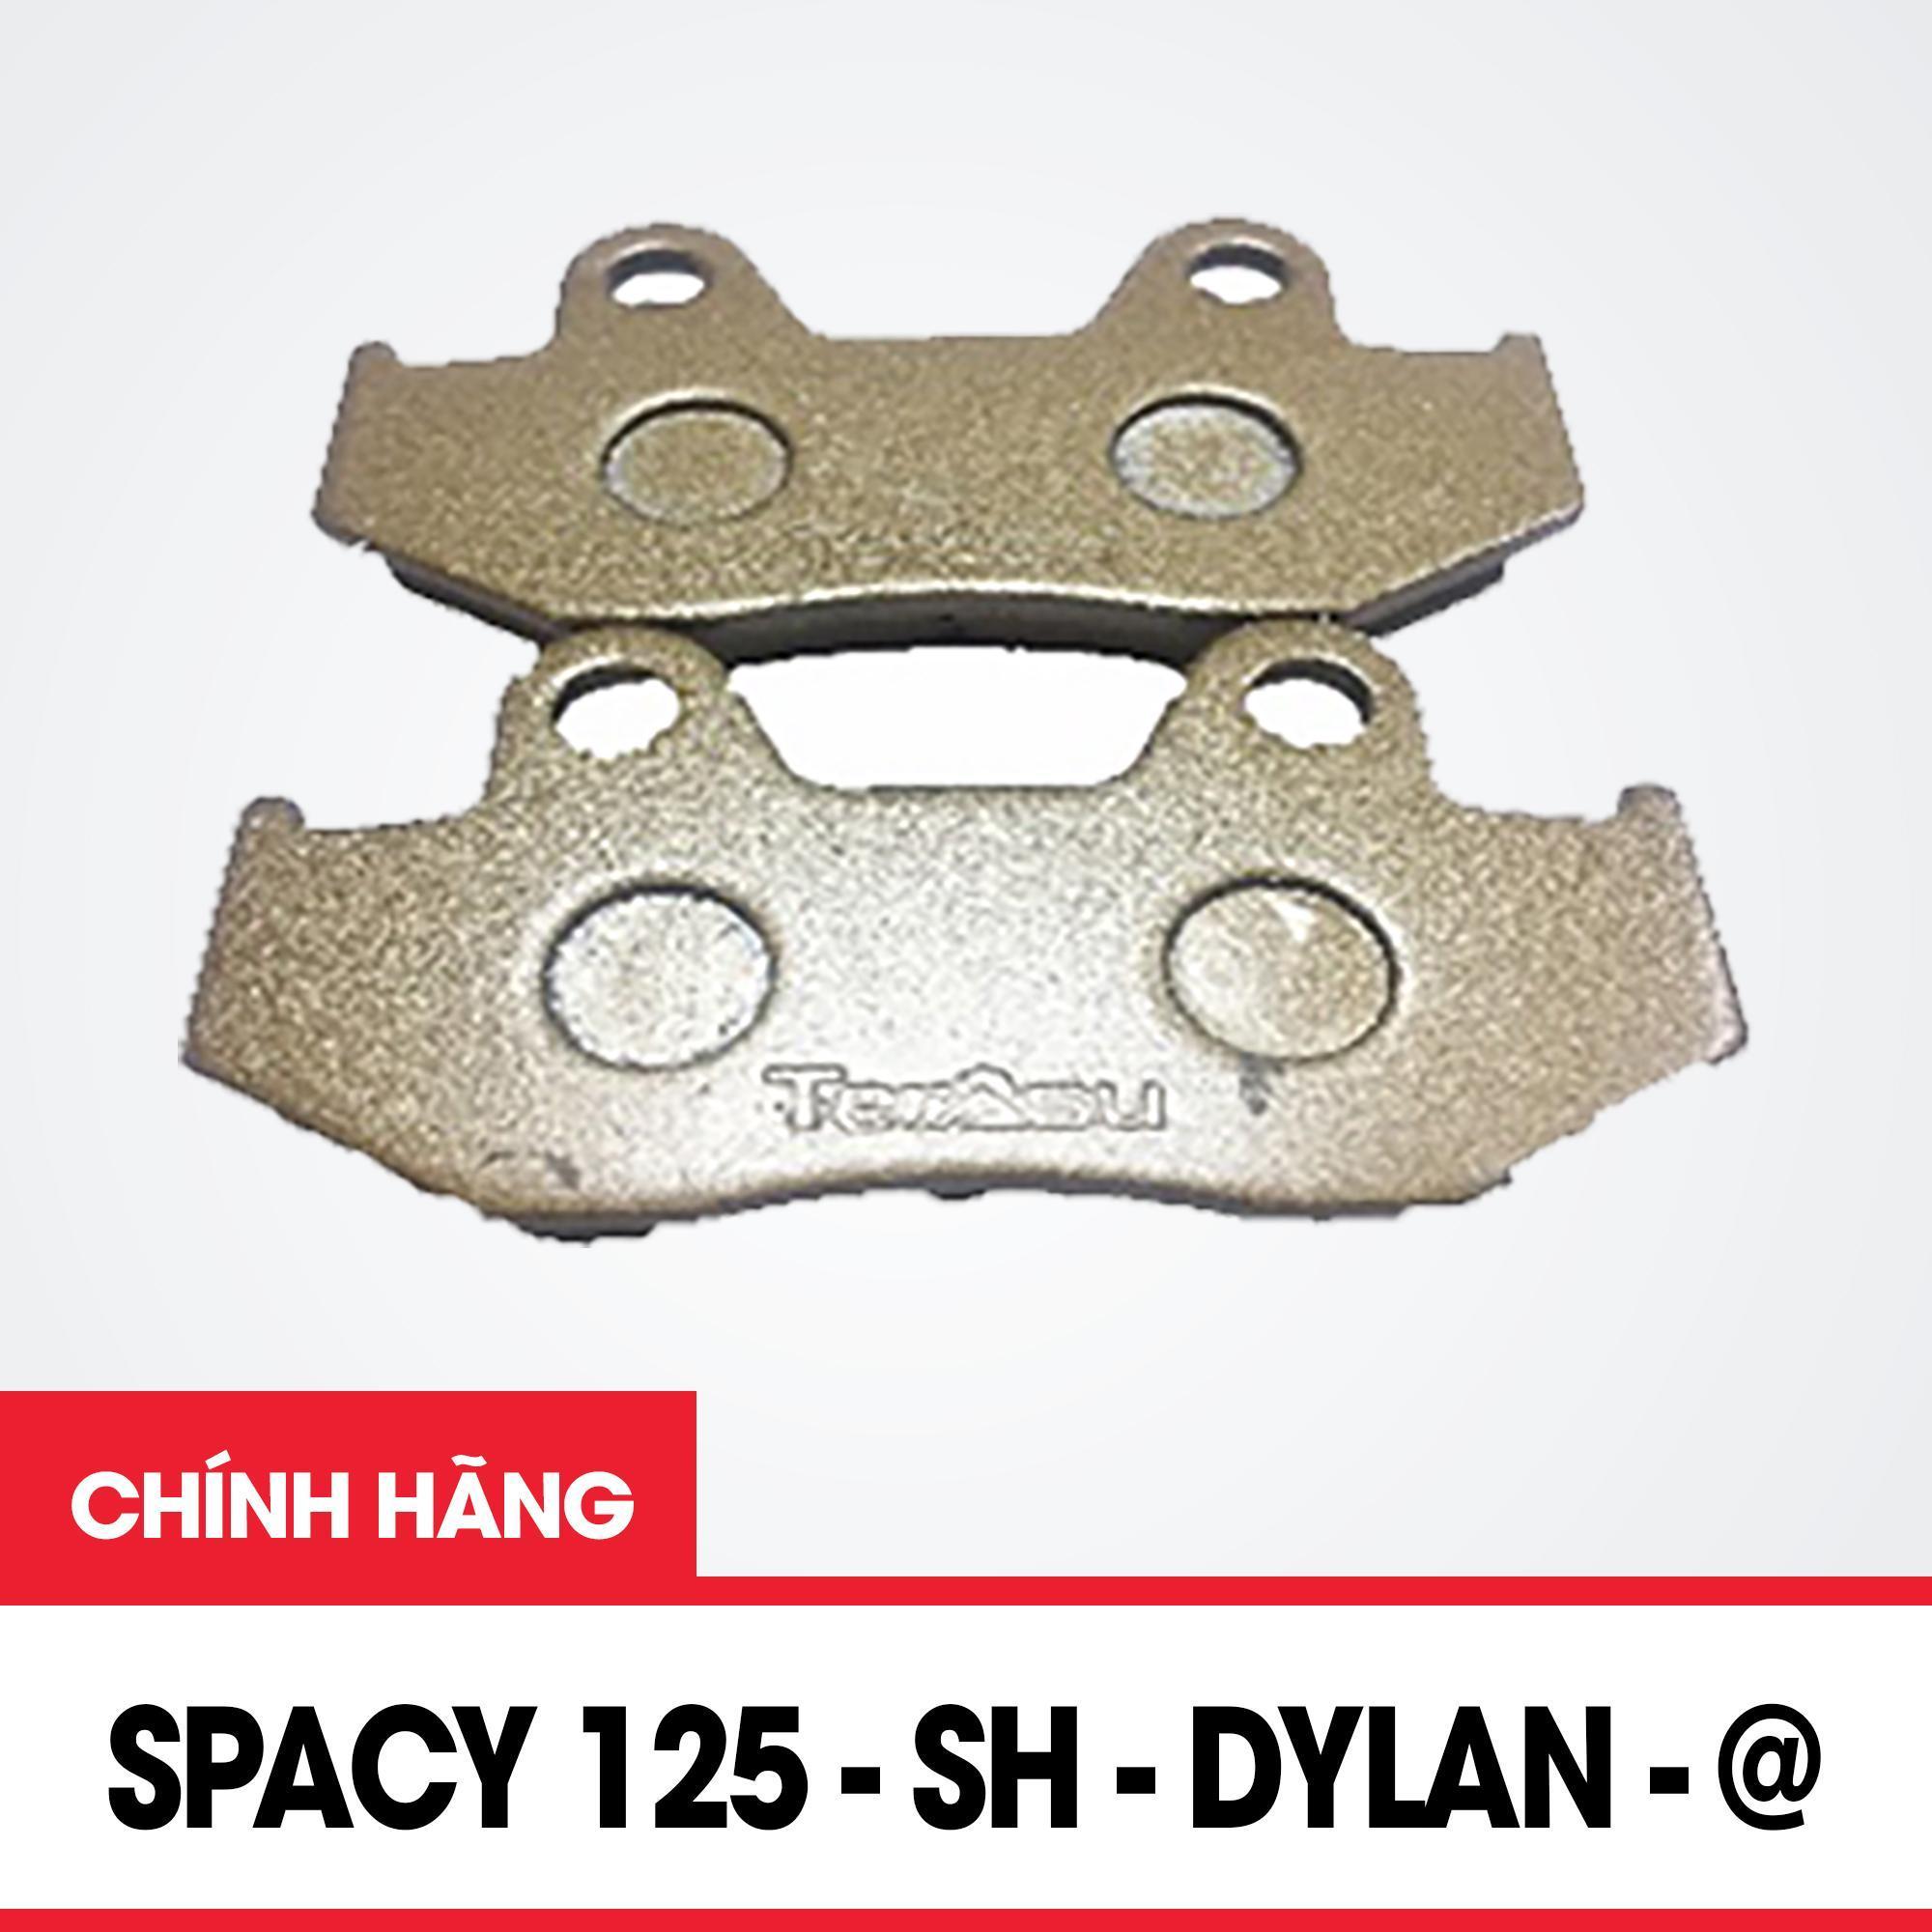 Bộ Má Phanh Đĩa Spacy 125, Dylan, @, SH,Spacy II chính hiệu Daichi Việt Nam - Daichi.vn